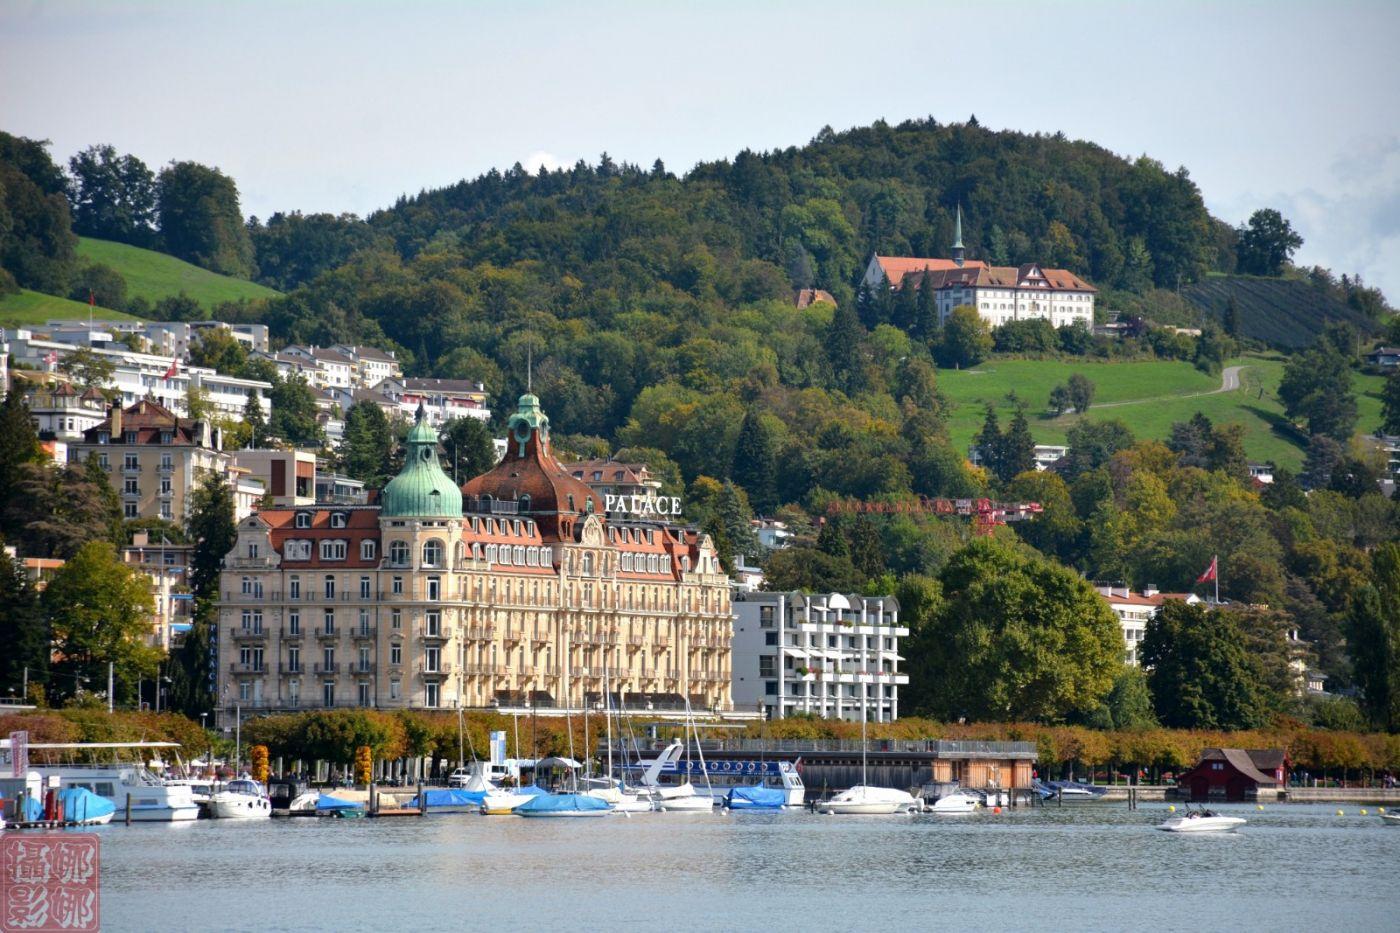 瑞士卢塞恩湖畔风光(一)_图1-14